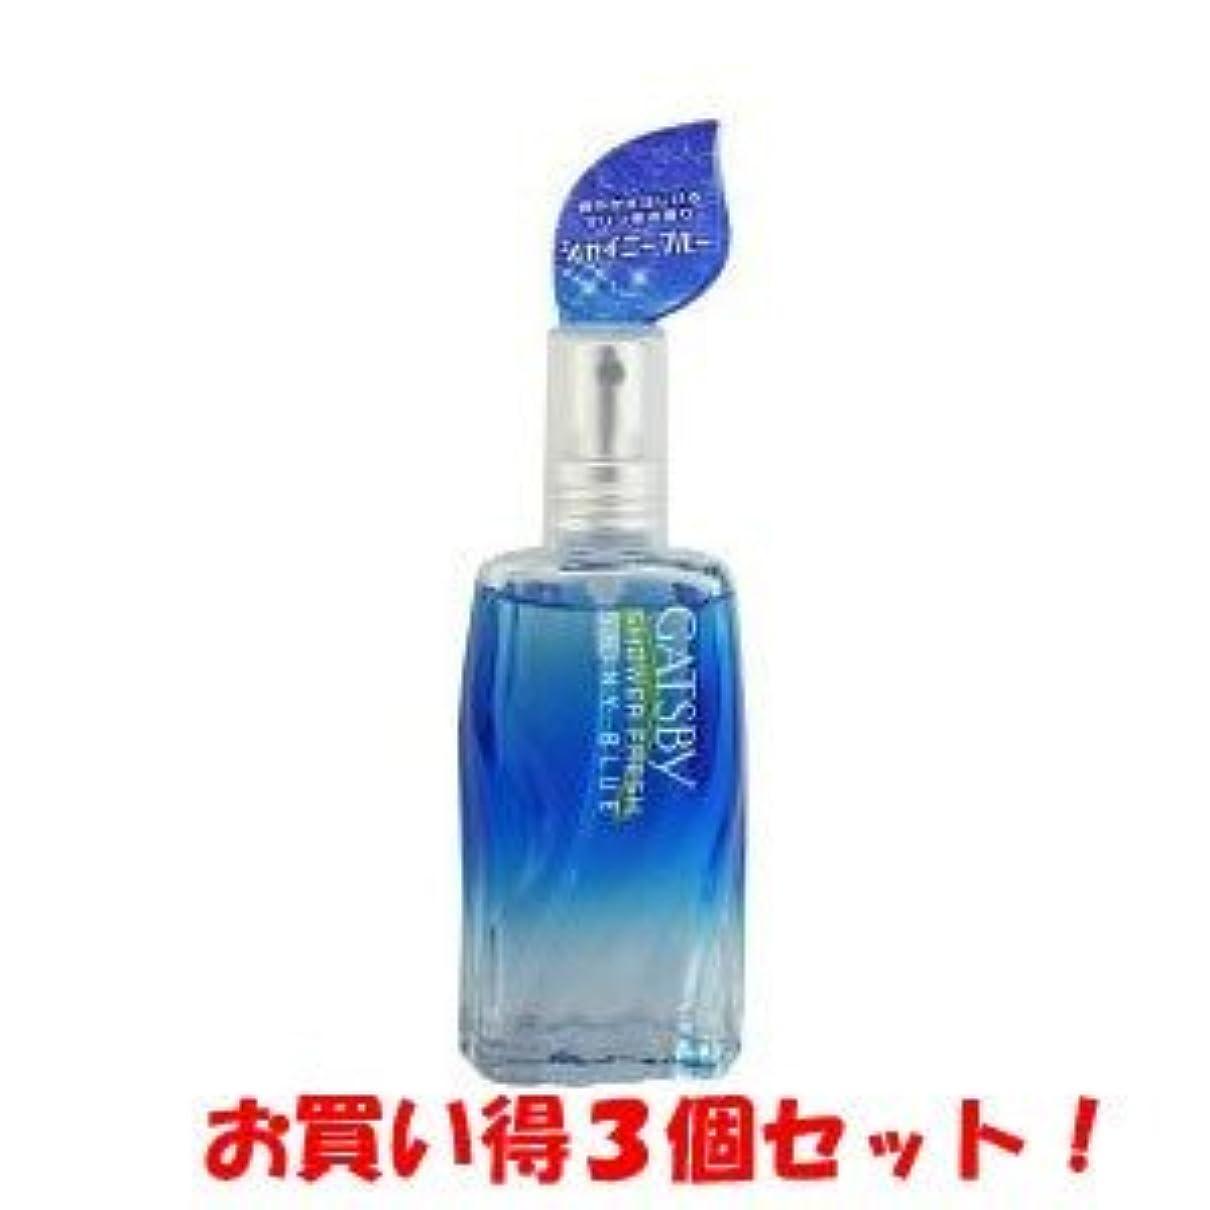 雰囲気ピュー軍隊ギャツビー【GATSBY】シャワーフレッシュ シャイニーブルー 60ml(お買い得3個セット)